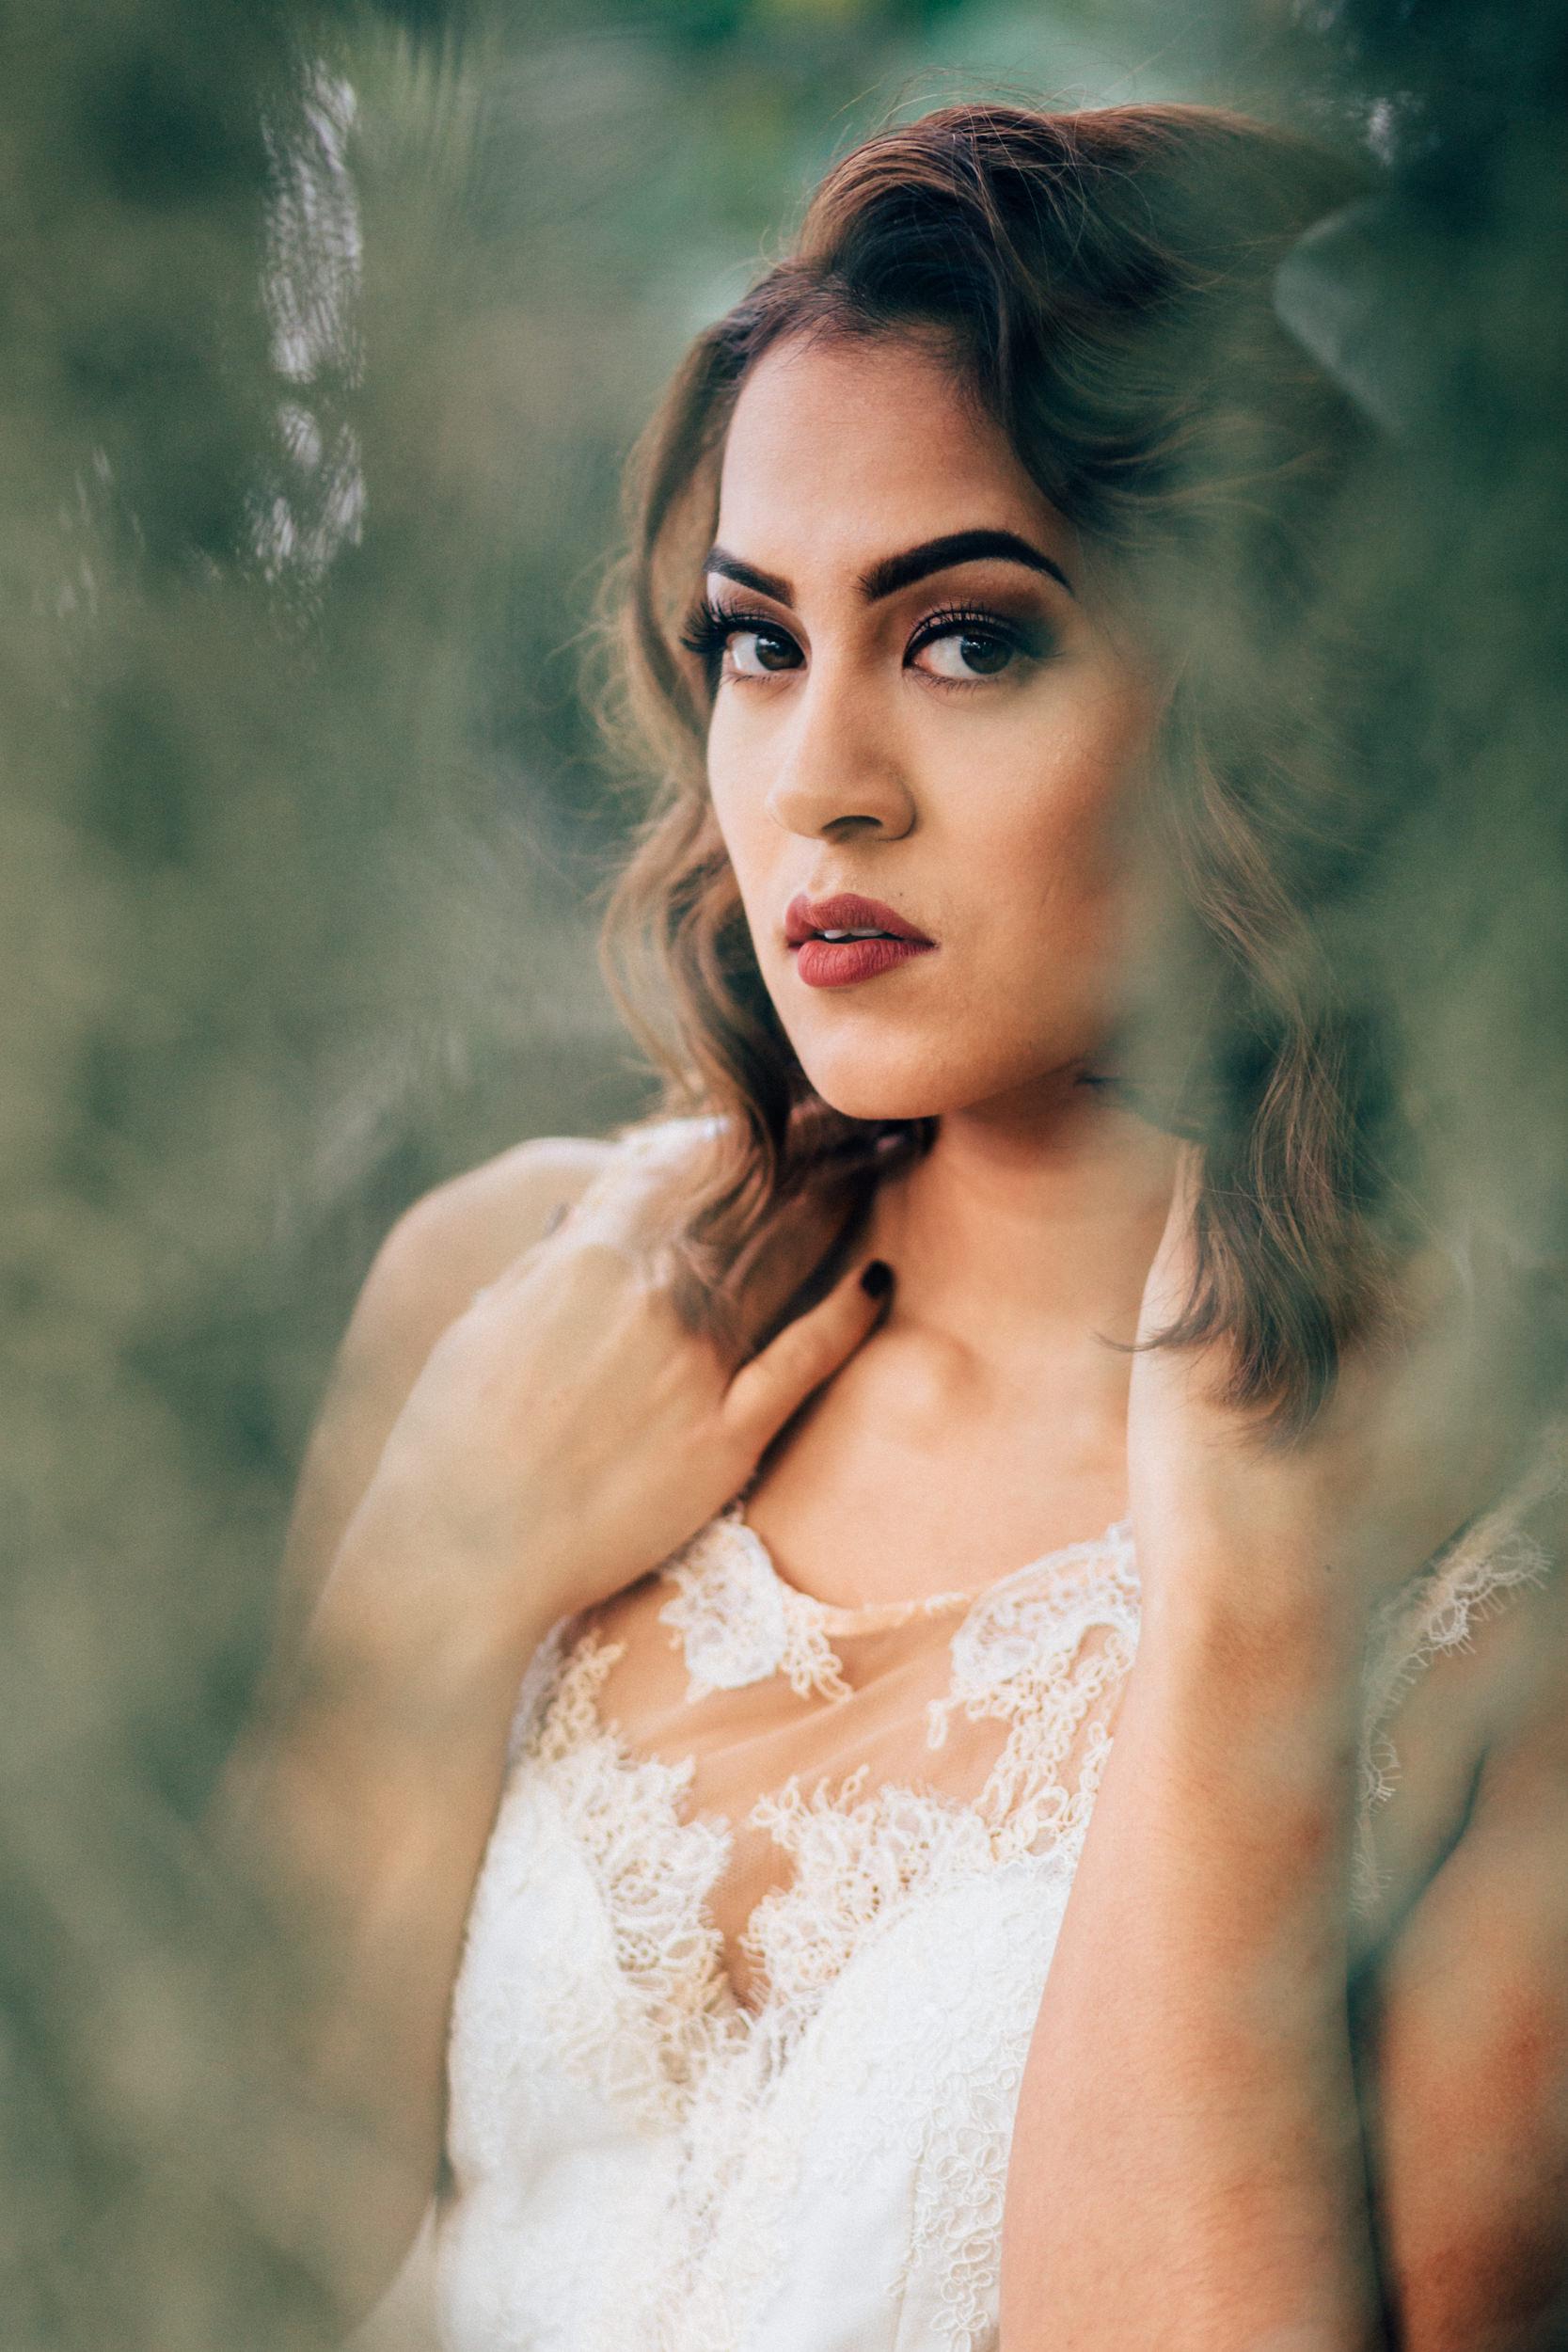 vintage-inspired-bride.jpg